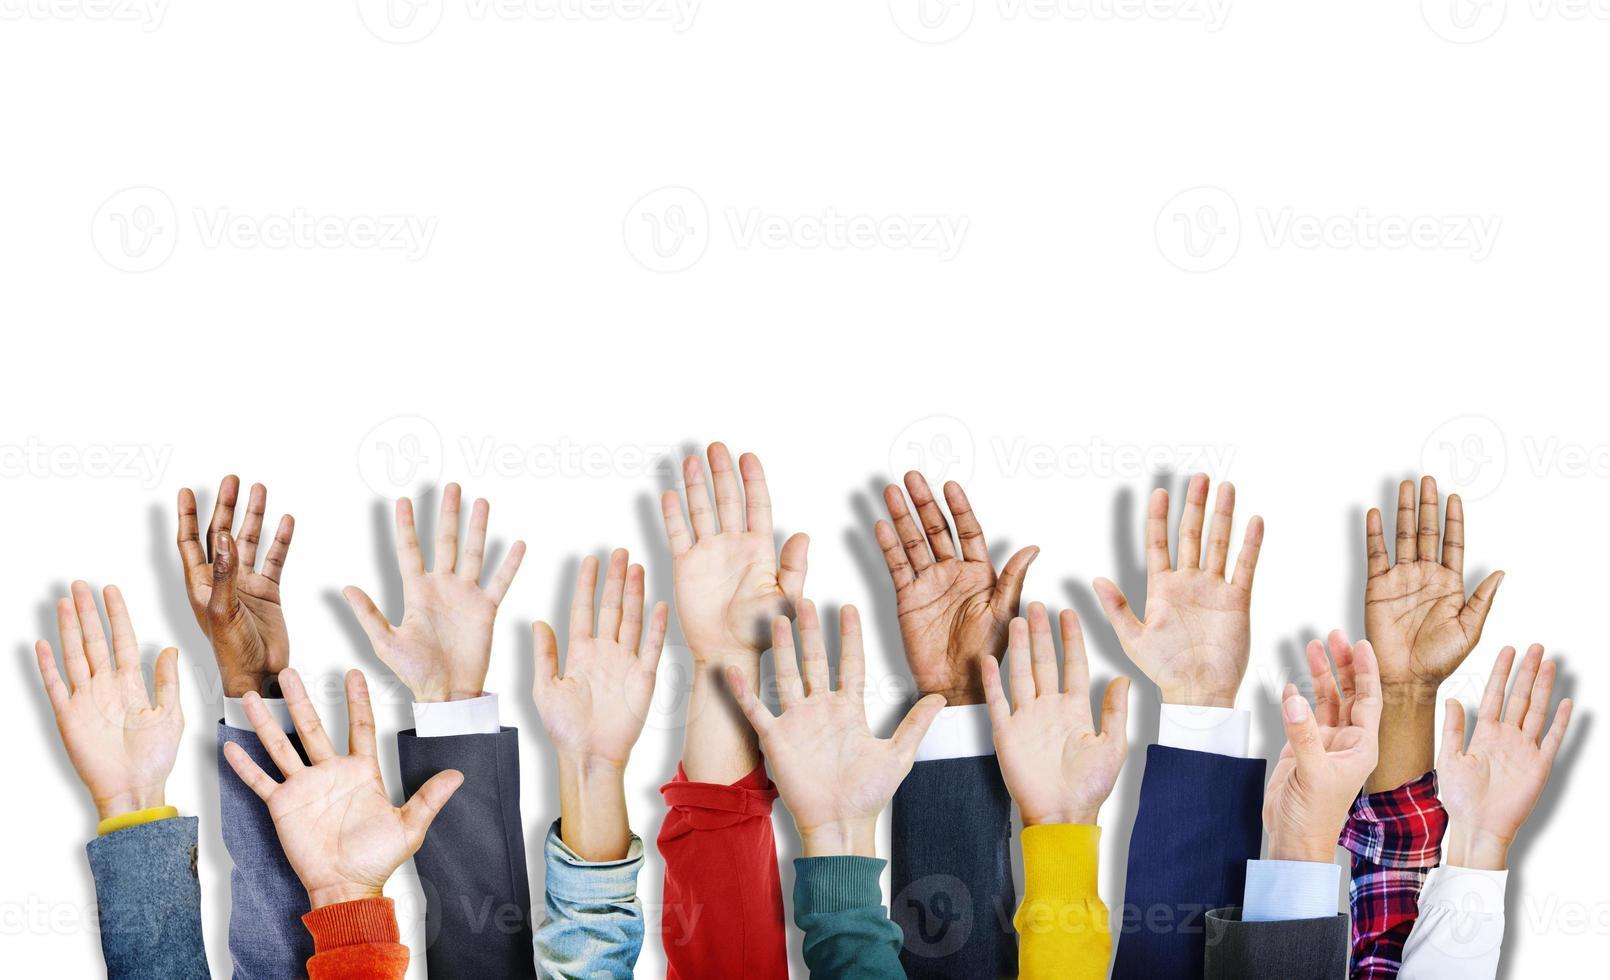 grupp multietniska olika färgglada händer upp foto